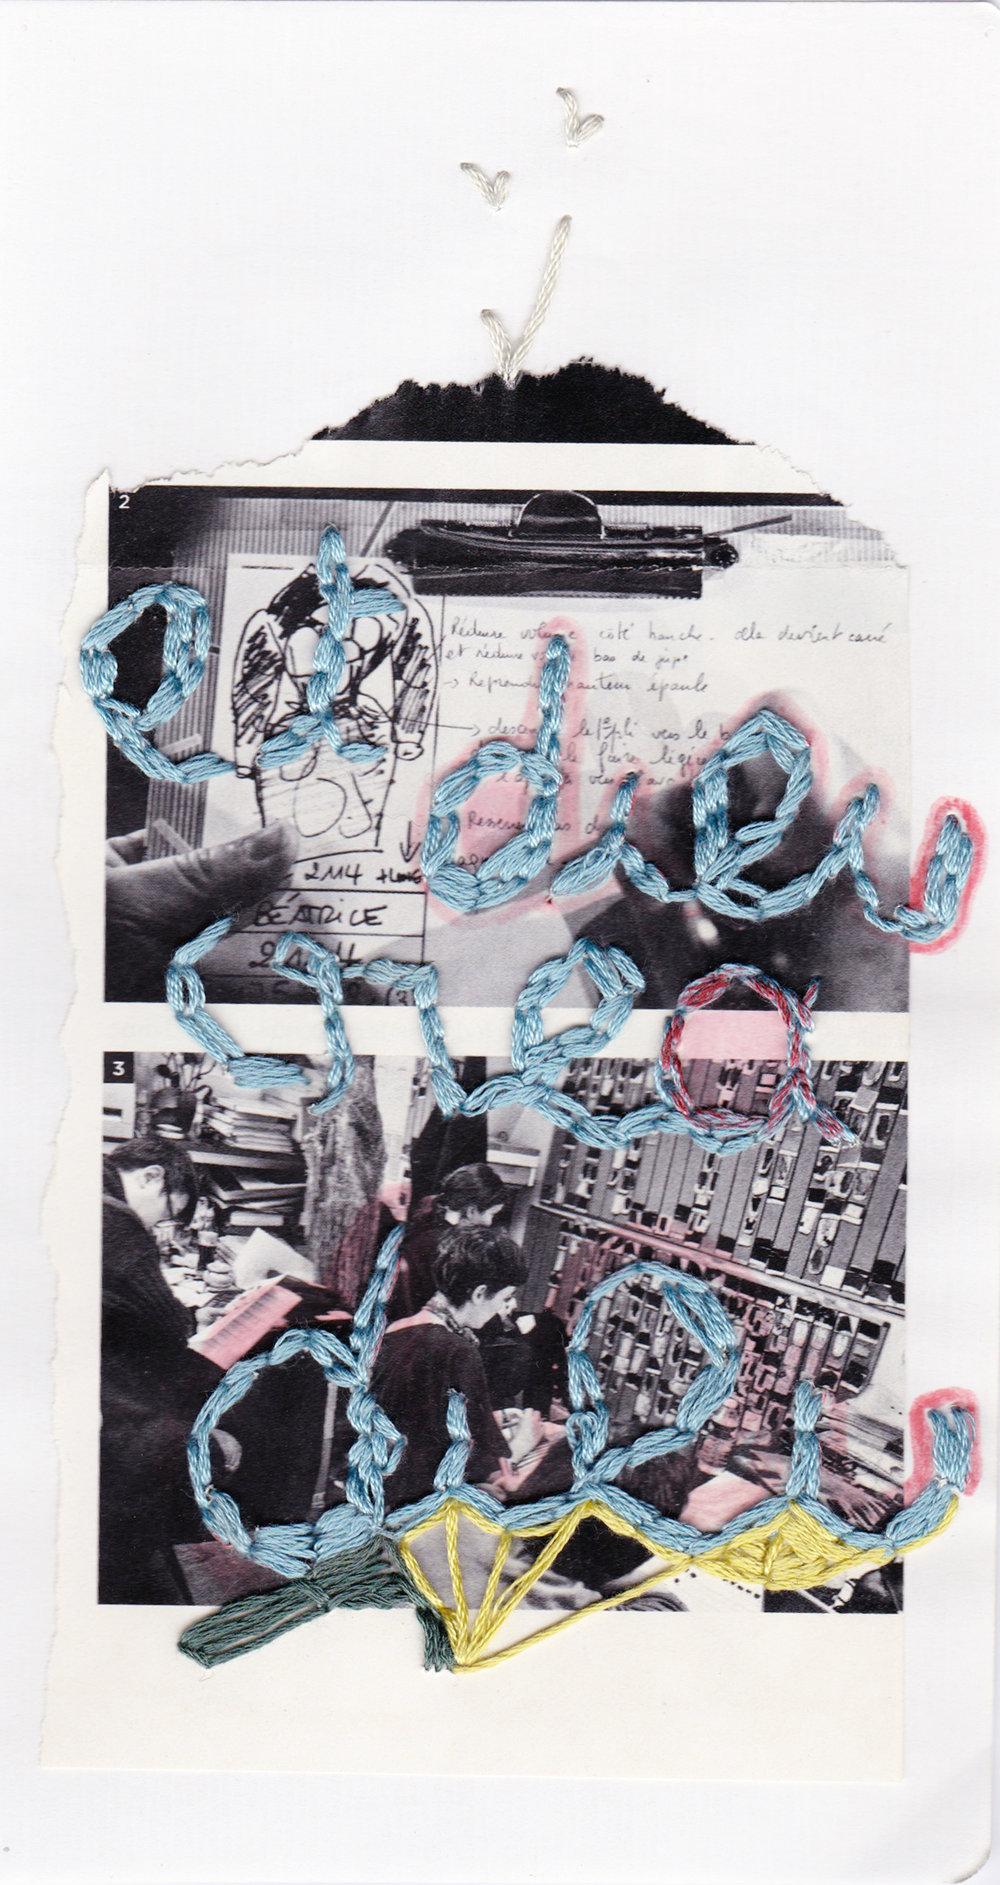 Et dieu créa dieu, broderie sur collage, 2012